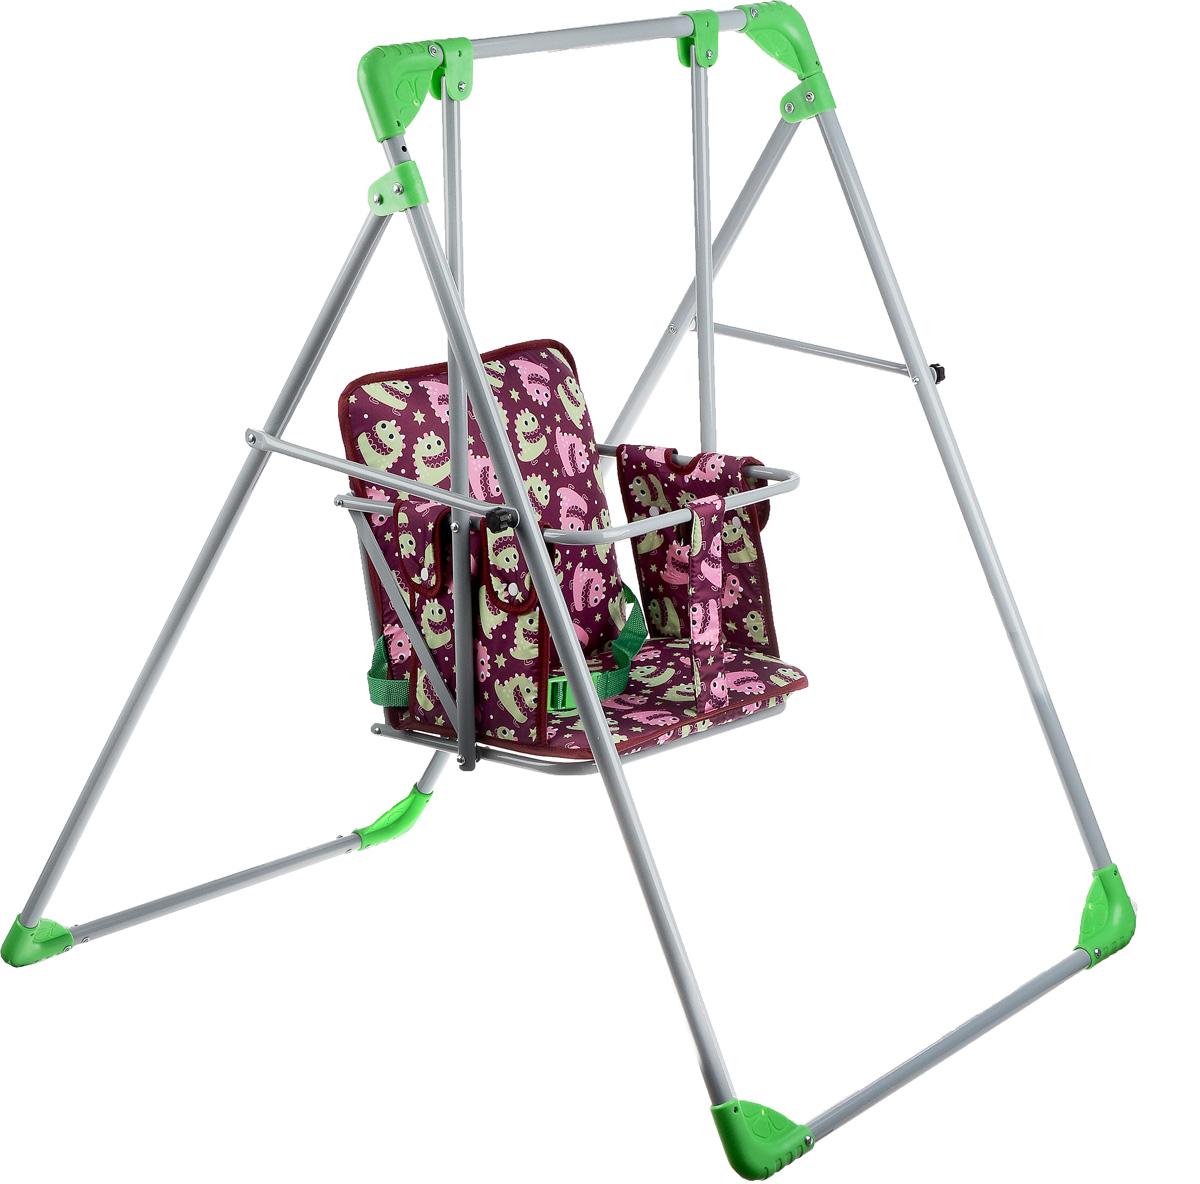 Фея Качели Чарли цвет бордовый зеленый4238-10_бордовый, зеленыйДетские качели Фея Чарли приведут в восторг любого маленького непоседу! Качели предназначены для развлечения и развития вестибулярного аппарата малышей. Качели выполнены из металла и имеют разборную конструкцию, благодаря чему их удобно транспортировать и хранить. Все элементы качелей легко и надежно соединяются винтами и гайками, которые входят в комплект. Сидение имеет спинку и дополнено металлической планкой безопасности, которая не позволит малышу соскользнуть. Качели доставят массу удовольствия вашему малышу, они невероятно просты и удобны в использовании. В разобранном состоянии качели очень компактны и занимают мало места, поэтому их можно брать с собой на природу или в поездку. Предельно допустимая нагрузка составляет 15 кг. В комплекте инструкция по сборке качелей.